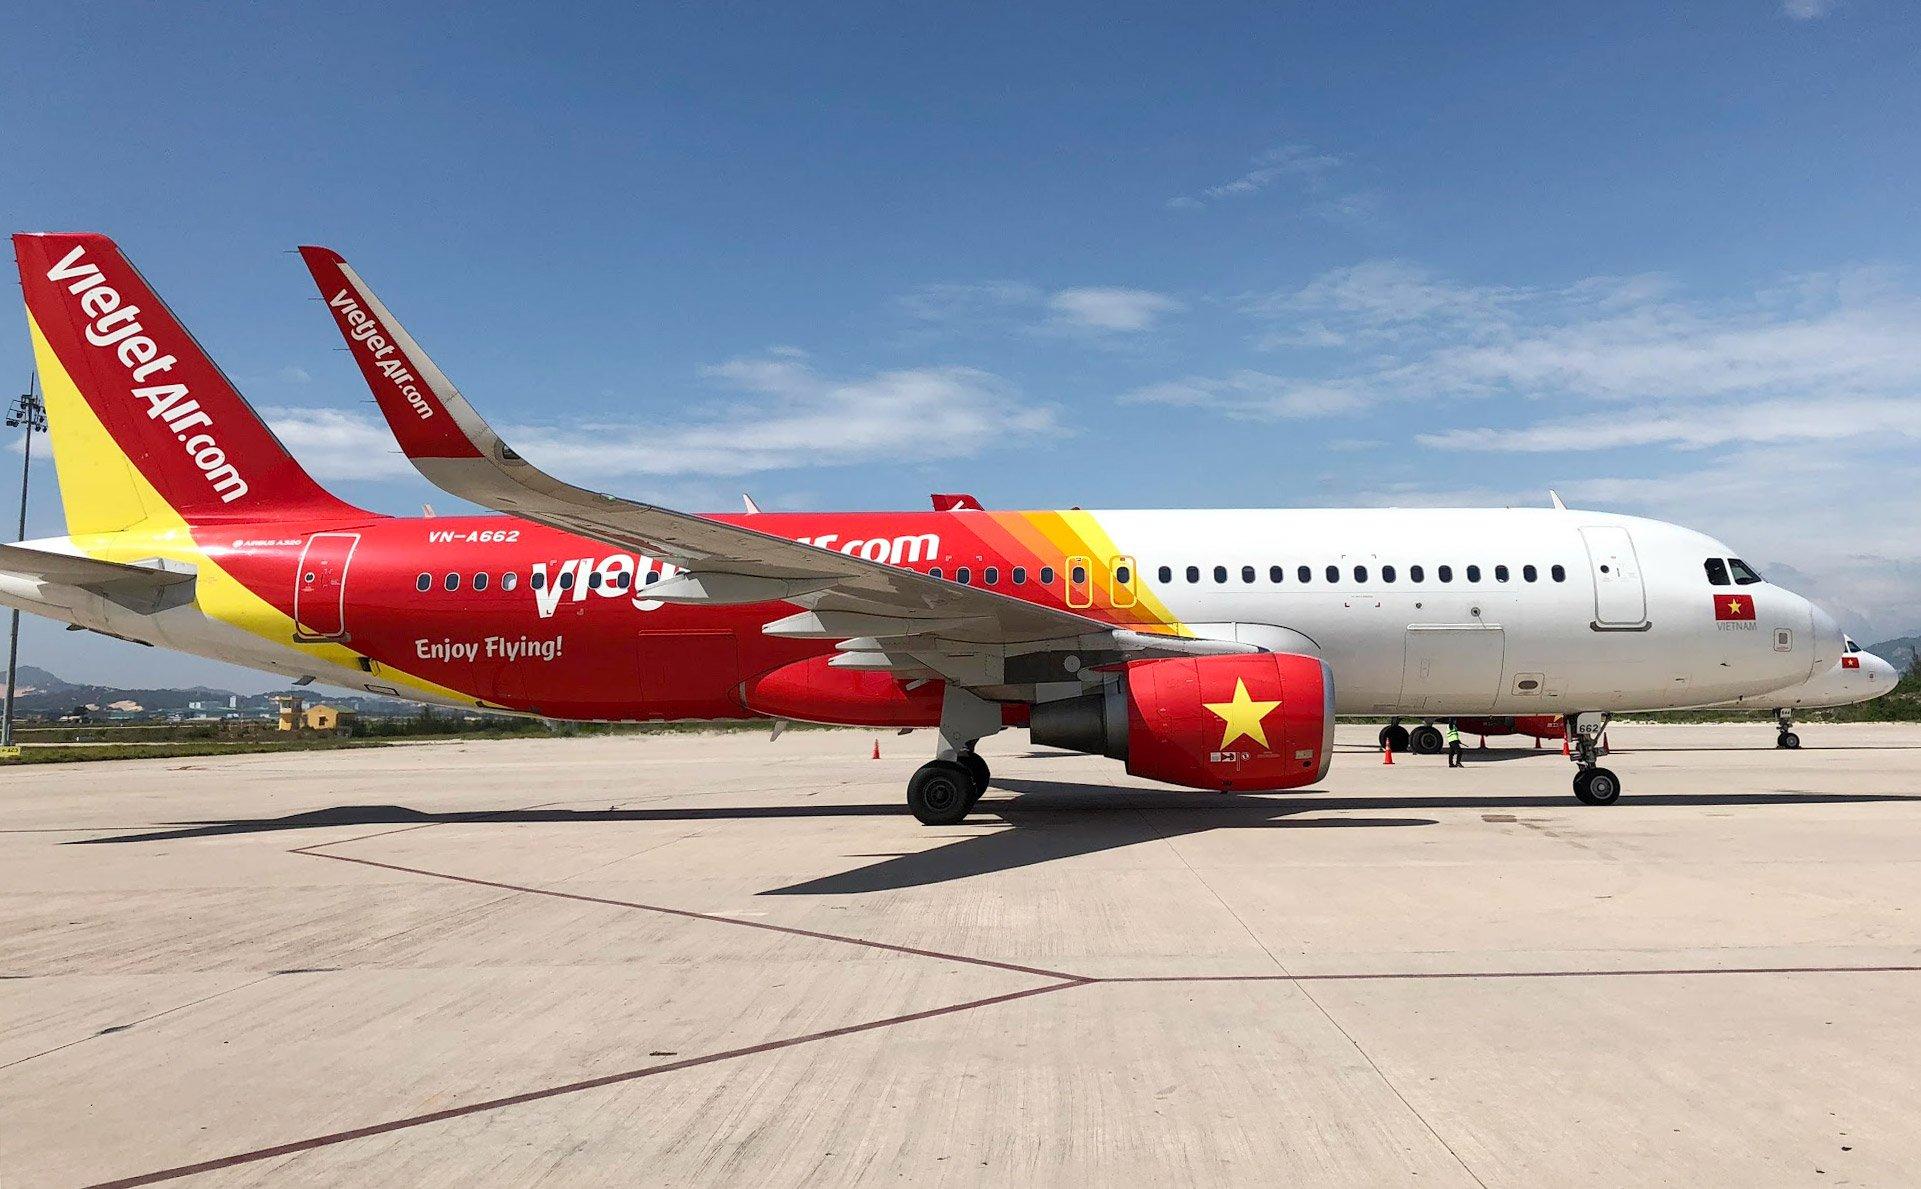 Hình ảnh máy bay đuôi đỏ